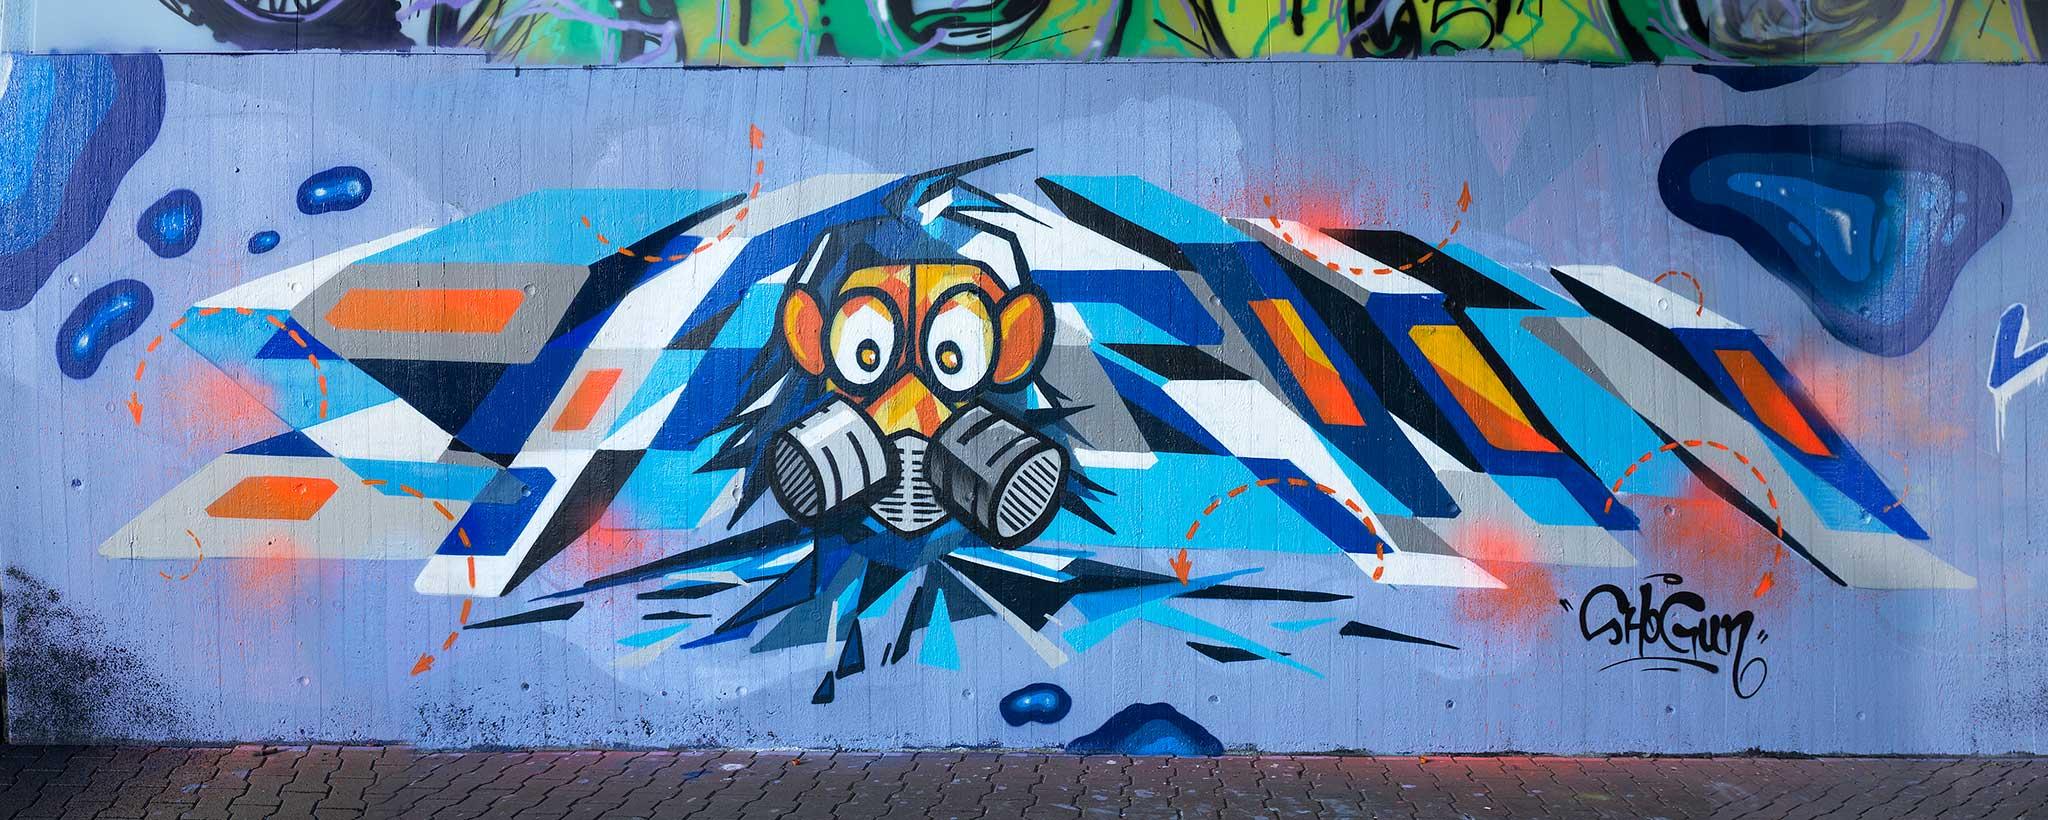 shogun_graffiti_eller_secondwall_1